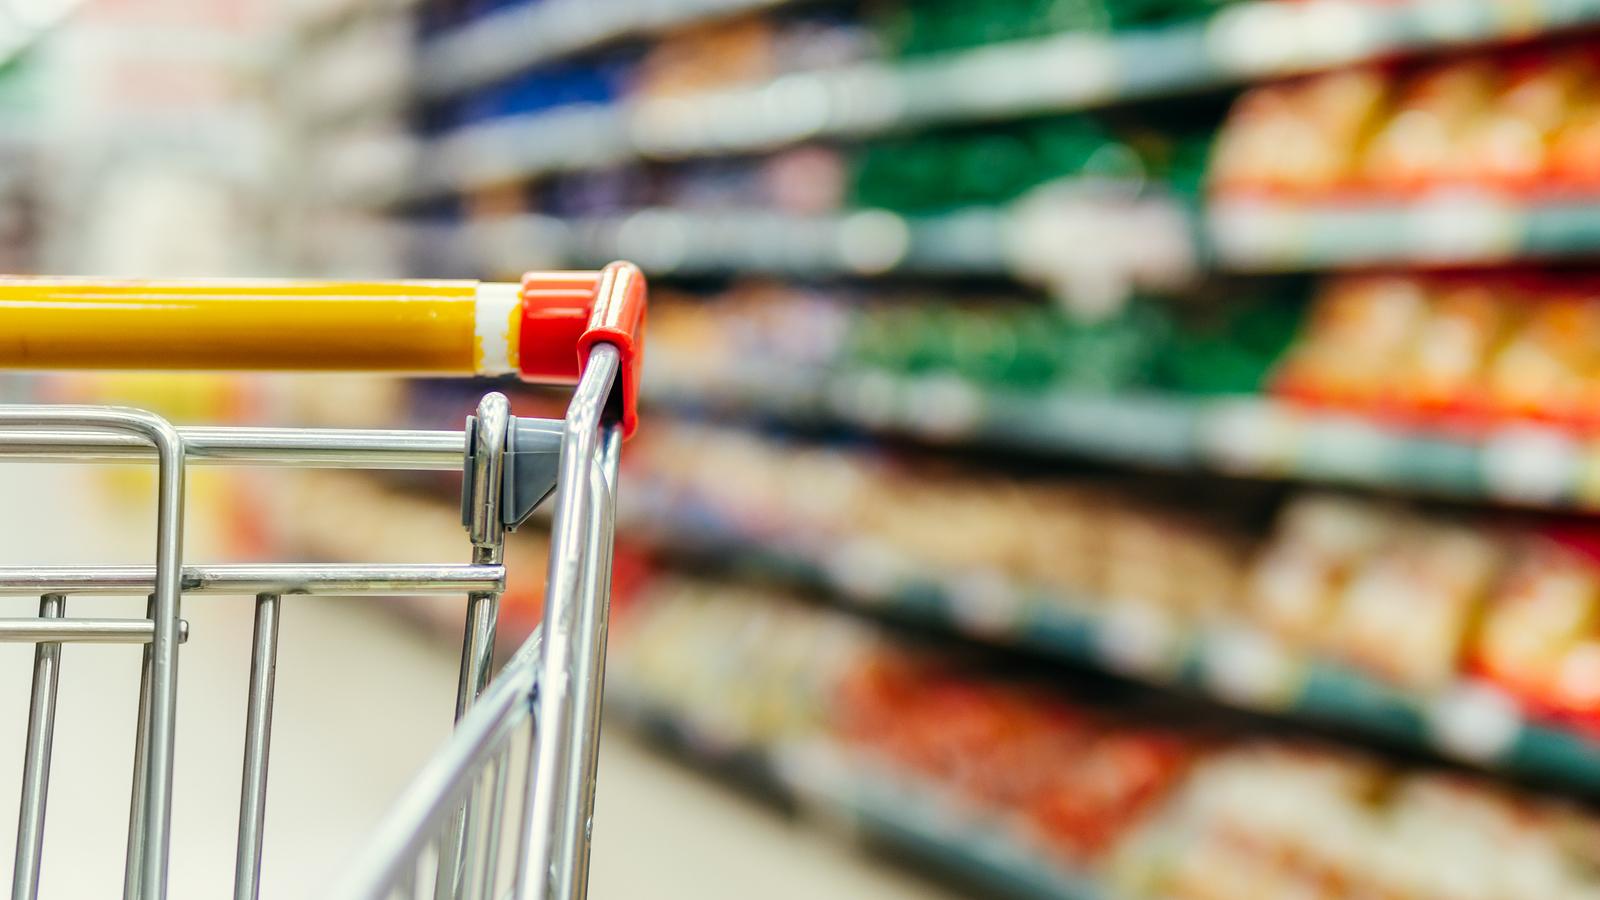 Podatek handlowy: czy sklepy podniosą ceny?